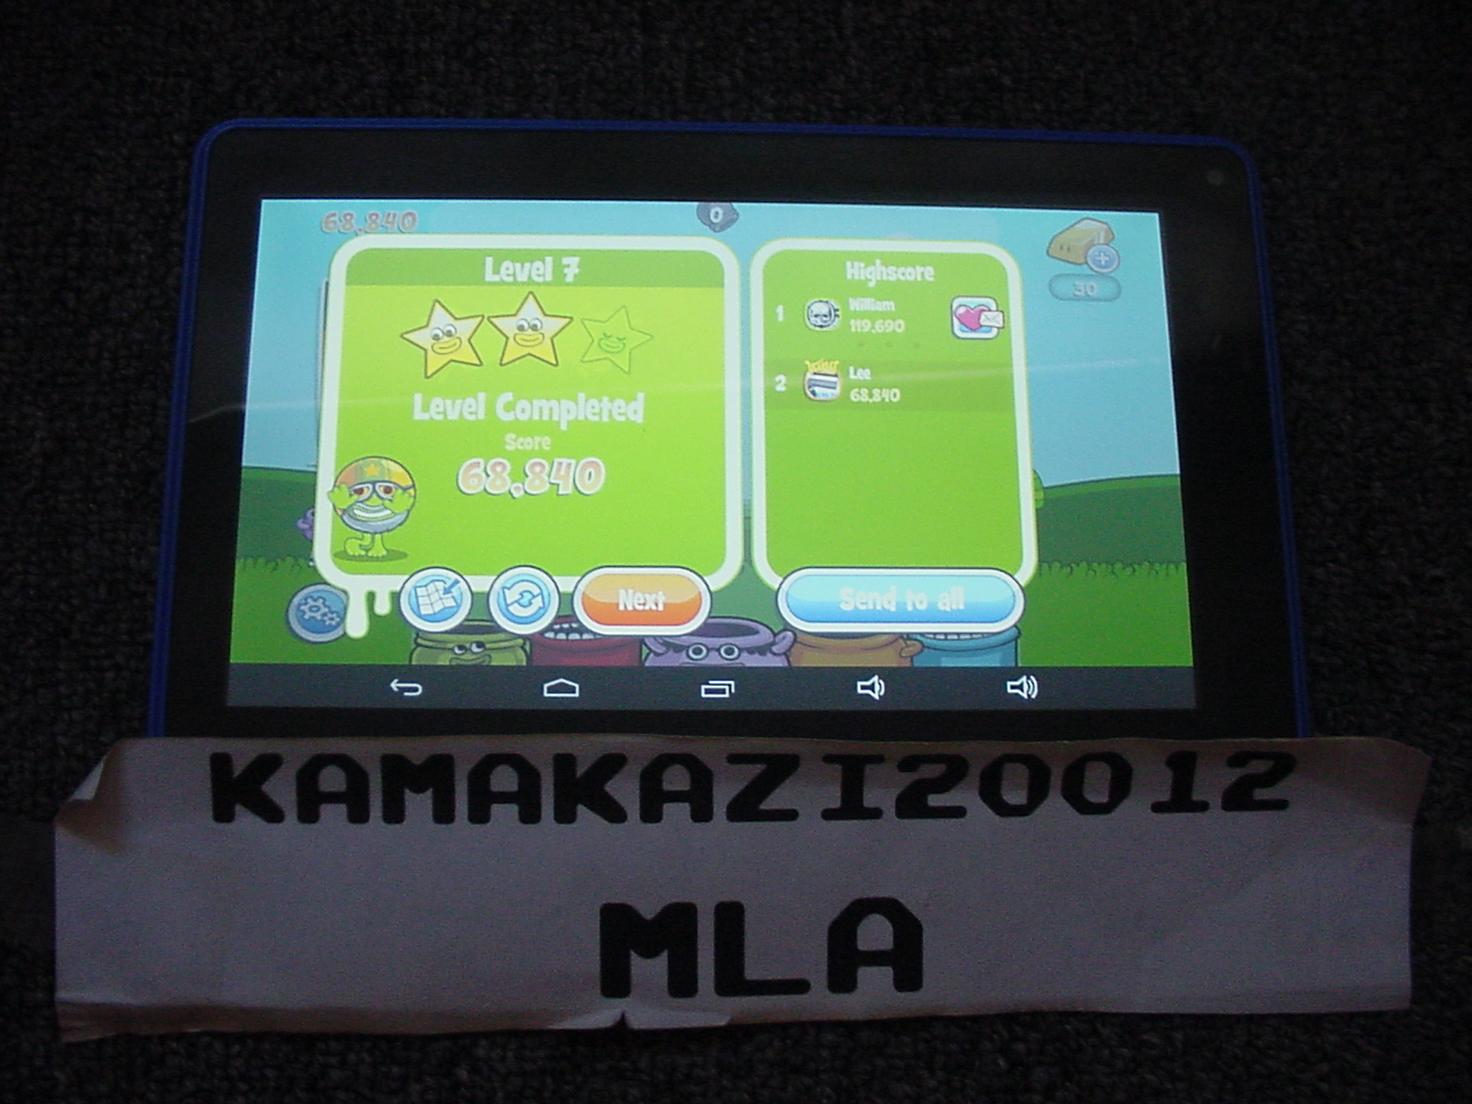 kamakazi20012: Papa Pear Saga: Level 007 (Android) 68,840 points on 2015-07-13 11:29:15